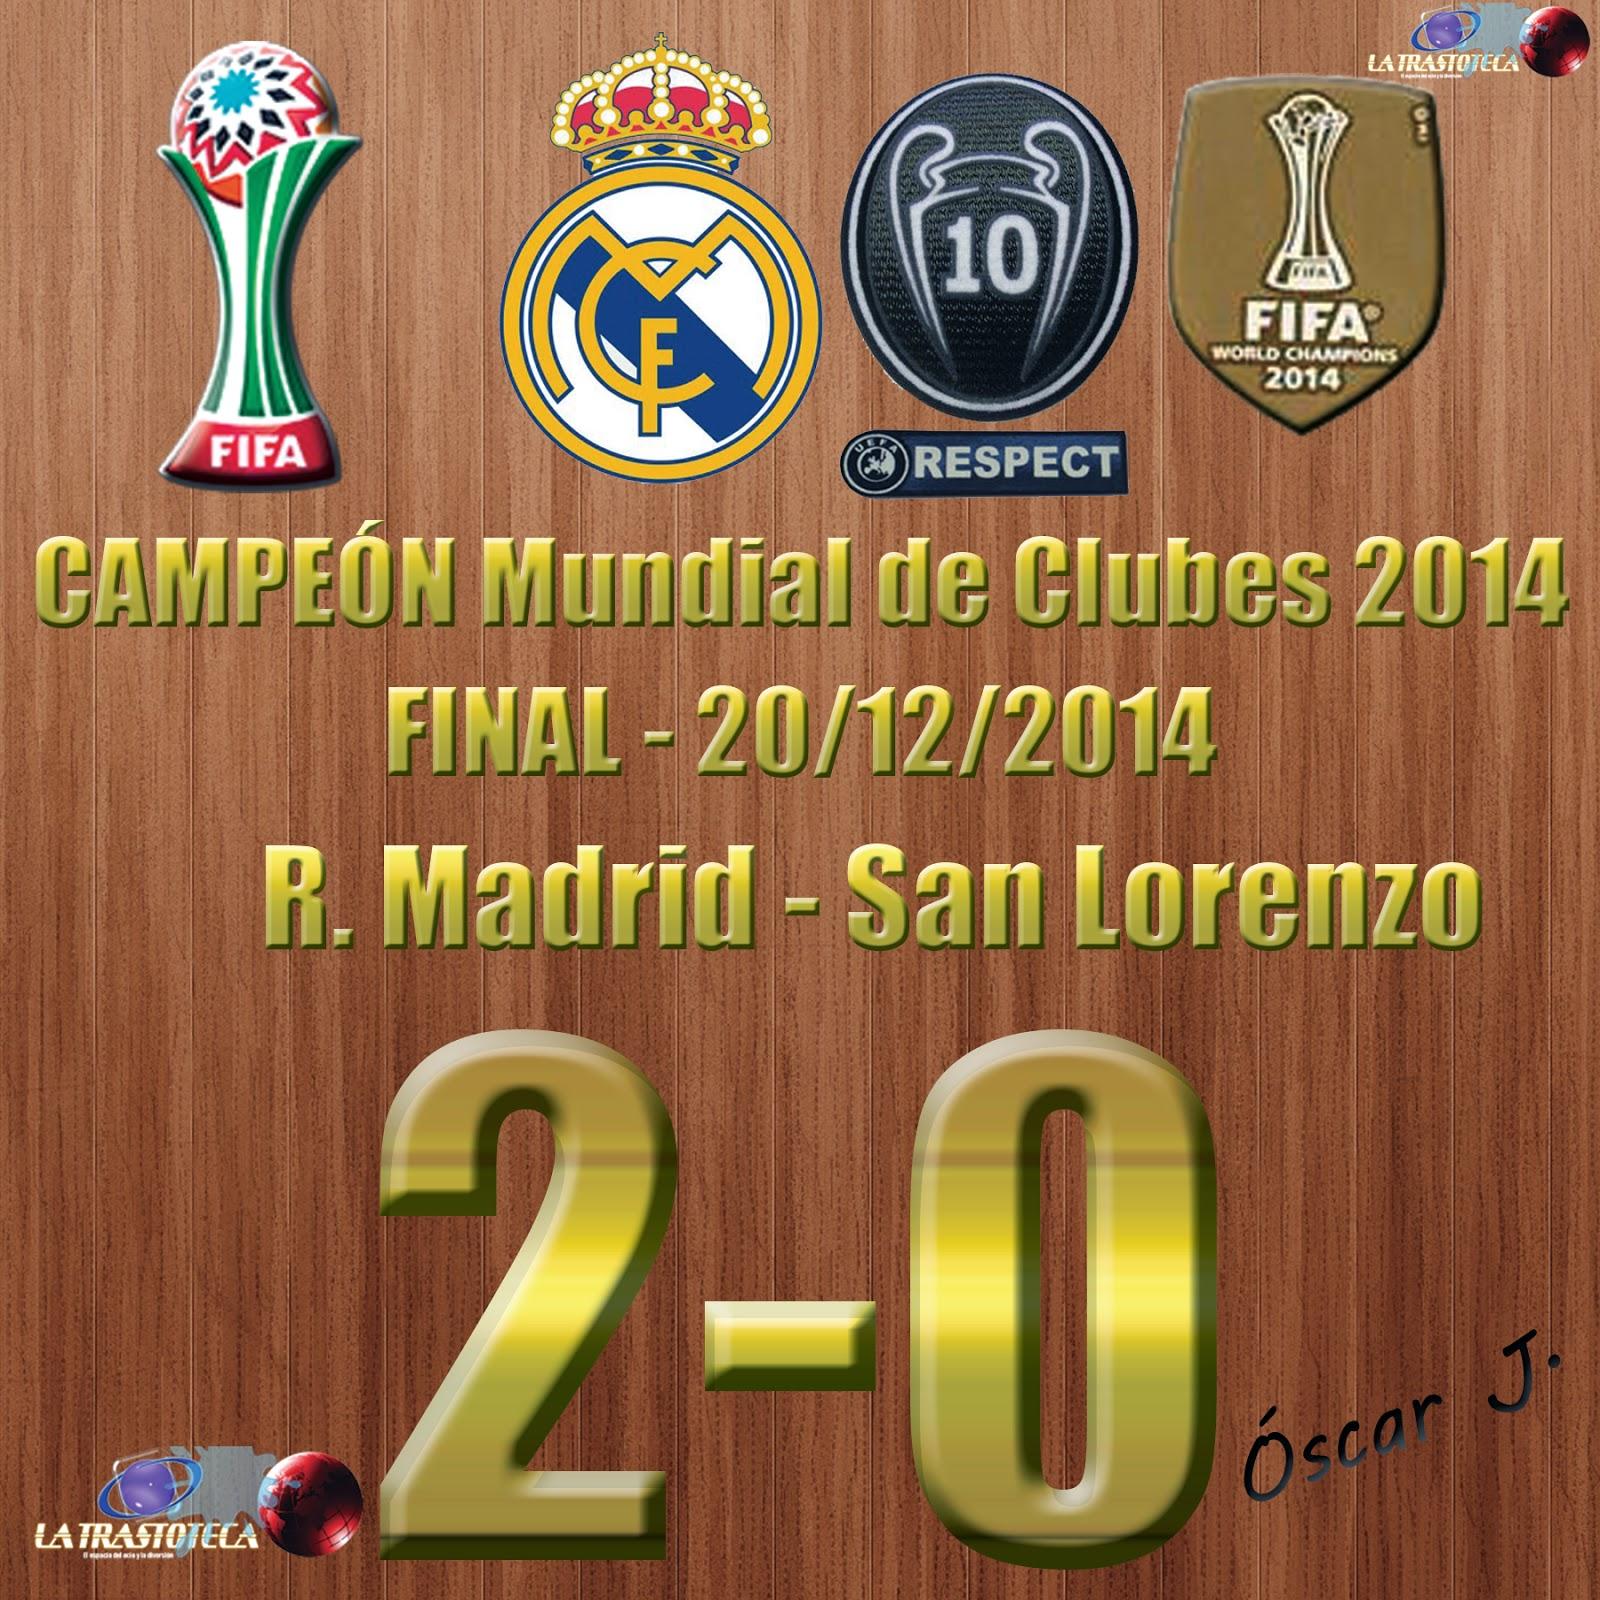 Real Madrid Campeón del Mundo - Real Madrid 2-0 San Lorenzo - Mundial de Clubes de la FIFA MARRUECOS 2014 - FINAL (20/12/2014)